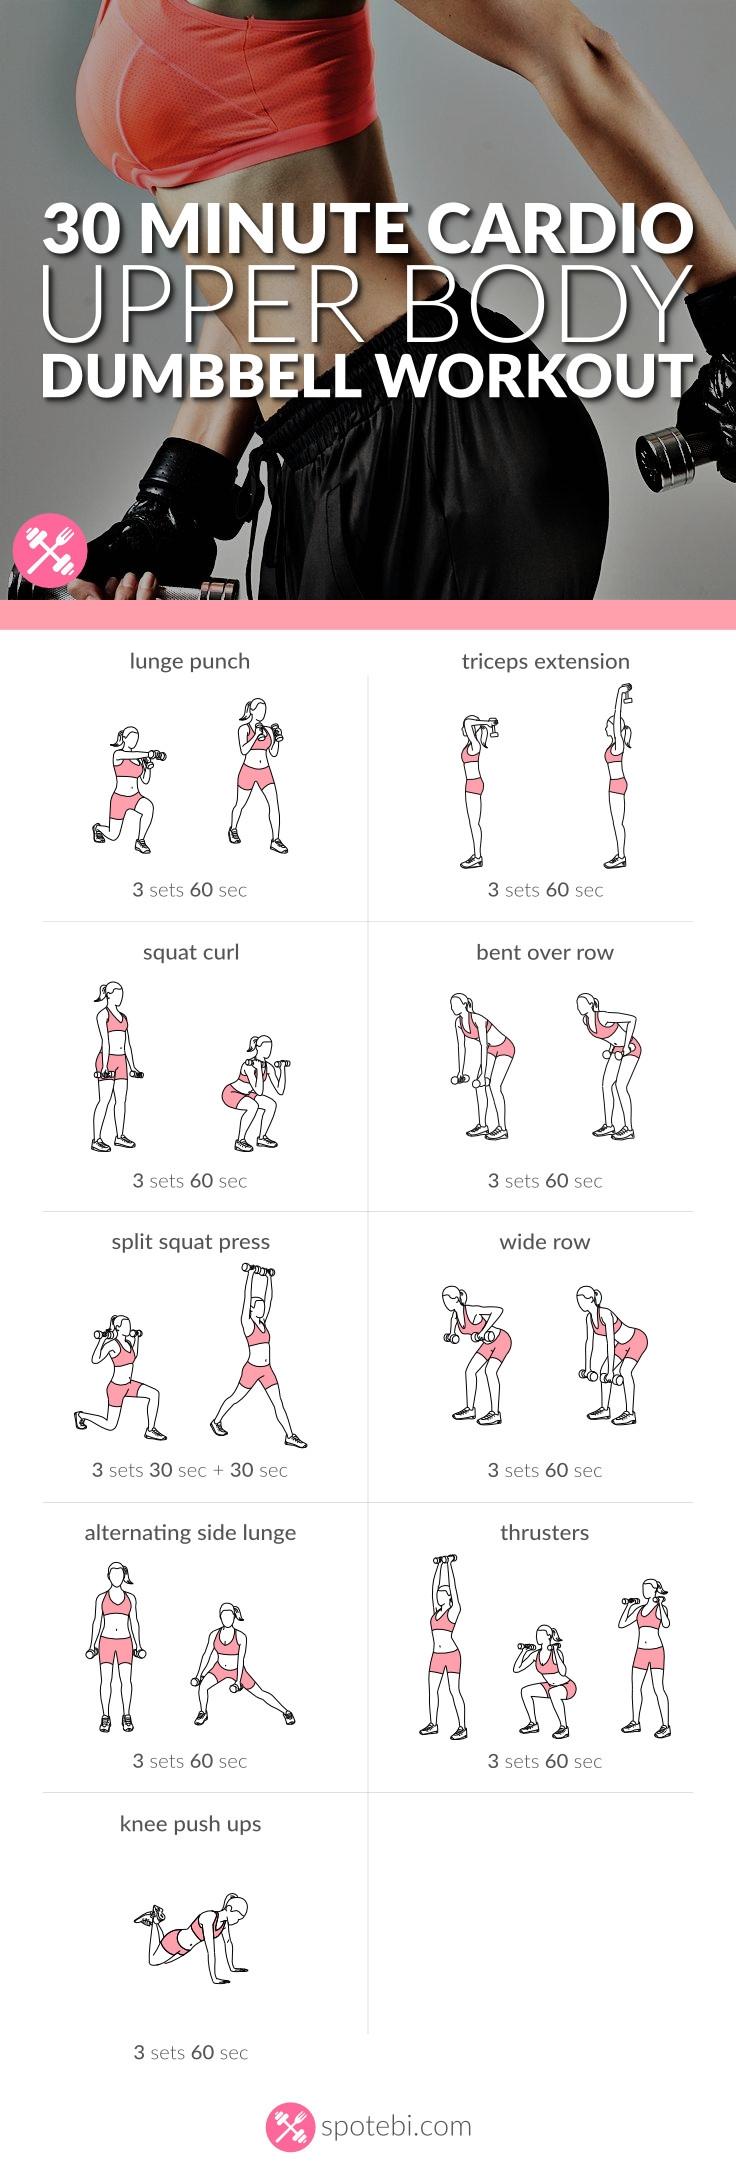 #fitness #watch #women #crush #their #goals -  #fitness #watch #women #crush #their #goals   - #asia...